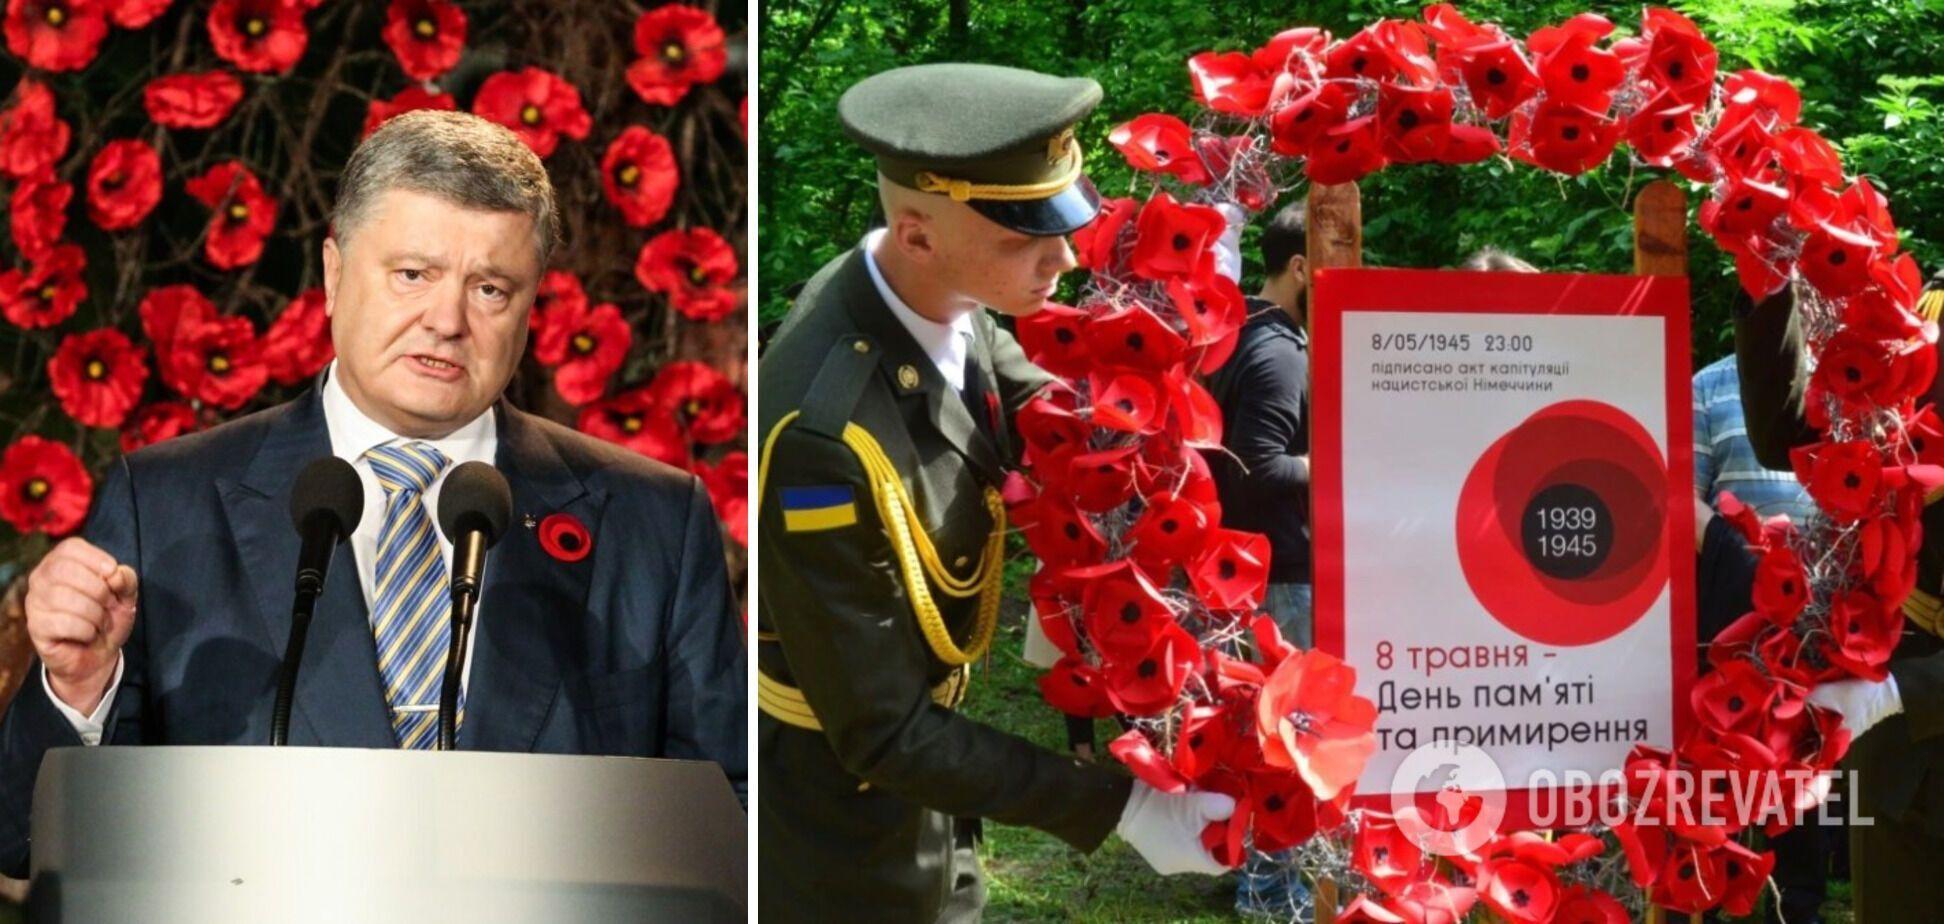 Порошенко – о Дне памяти и примирения: год за годом мы отходим от имперского 'победобесия'